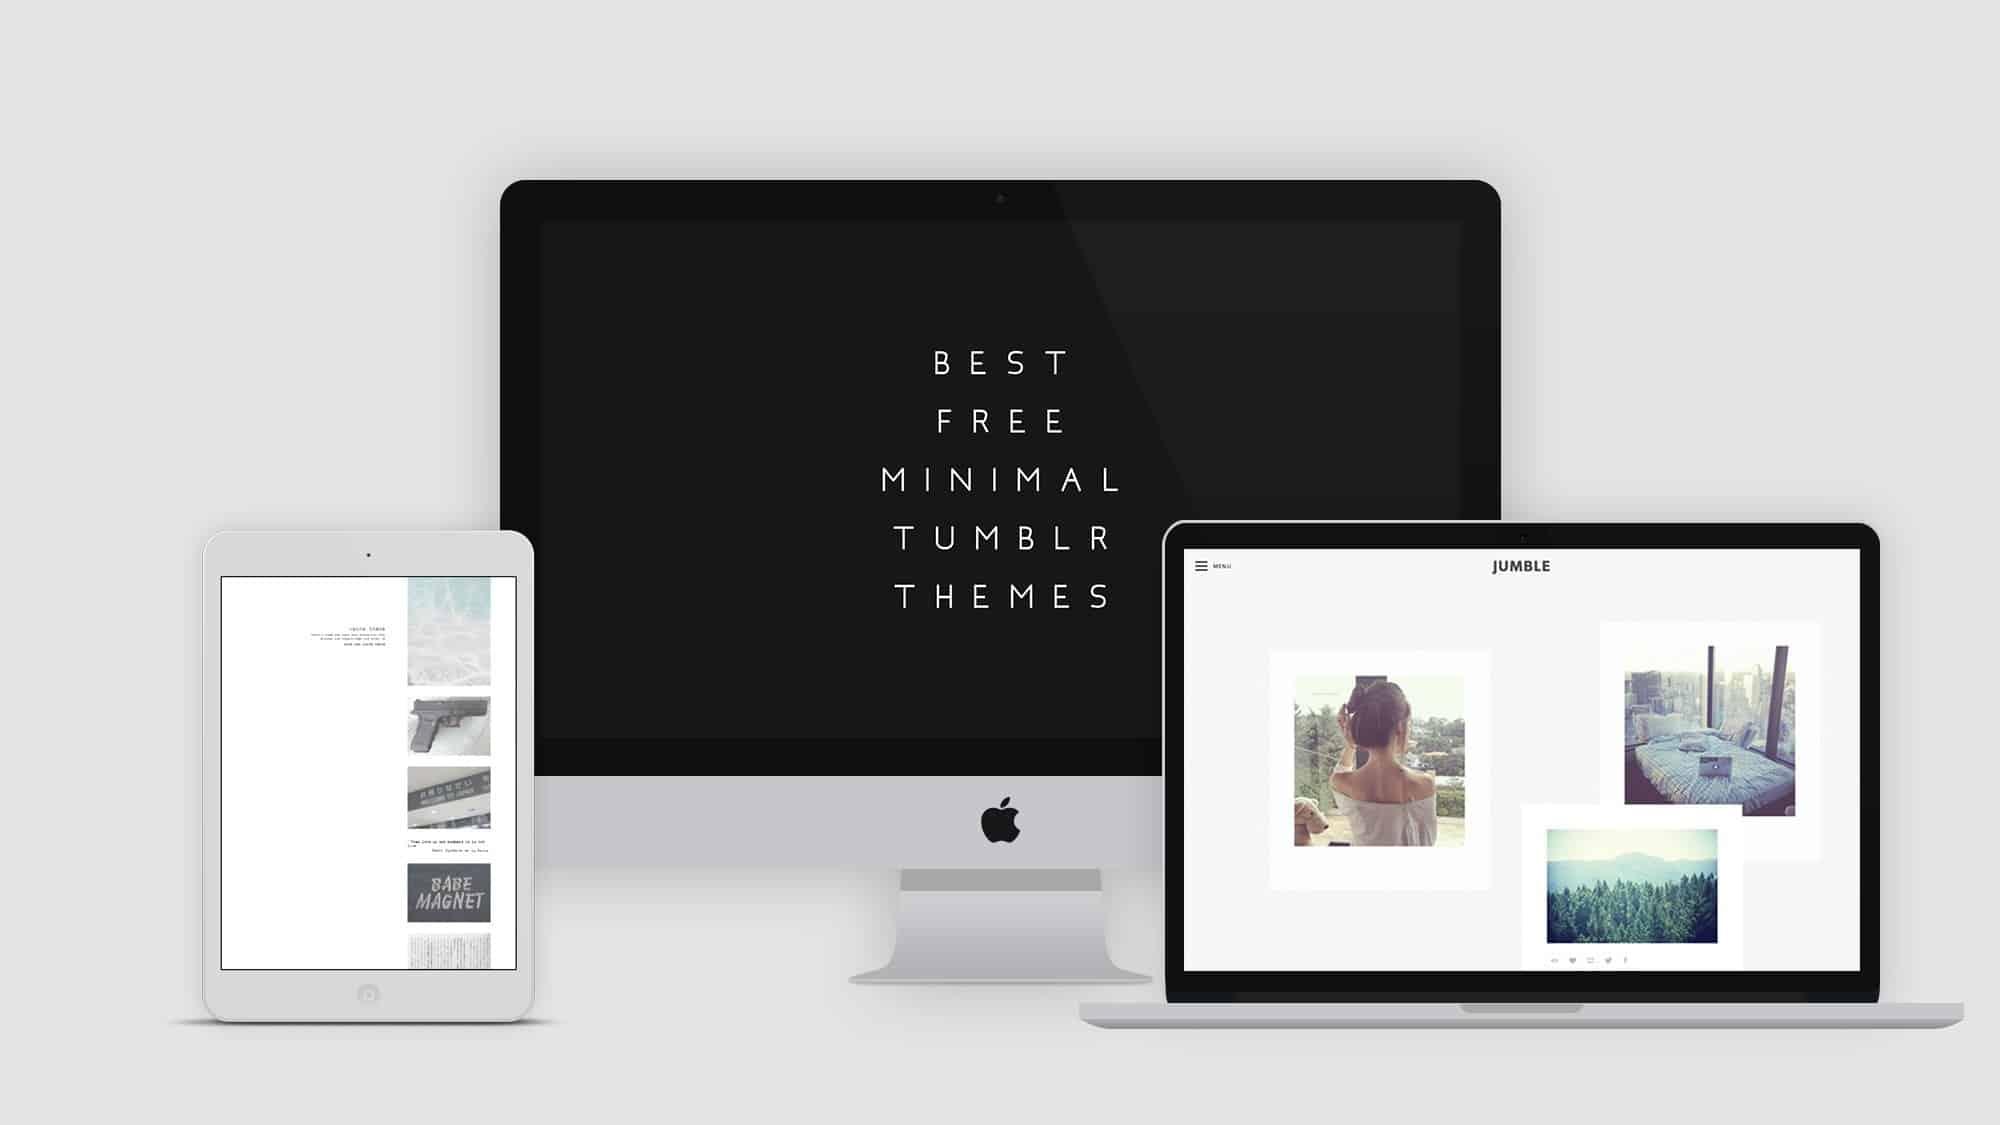 Minimalist Tumblr Themes